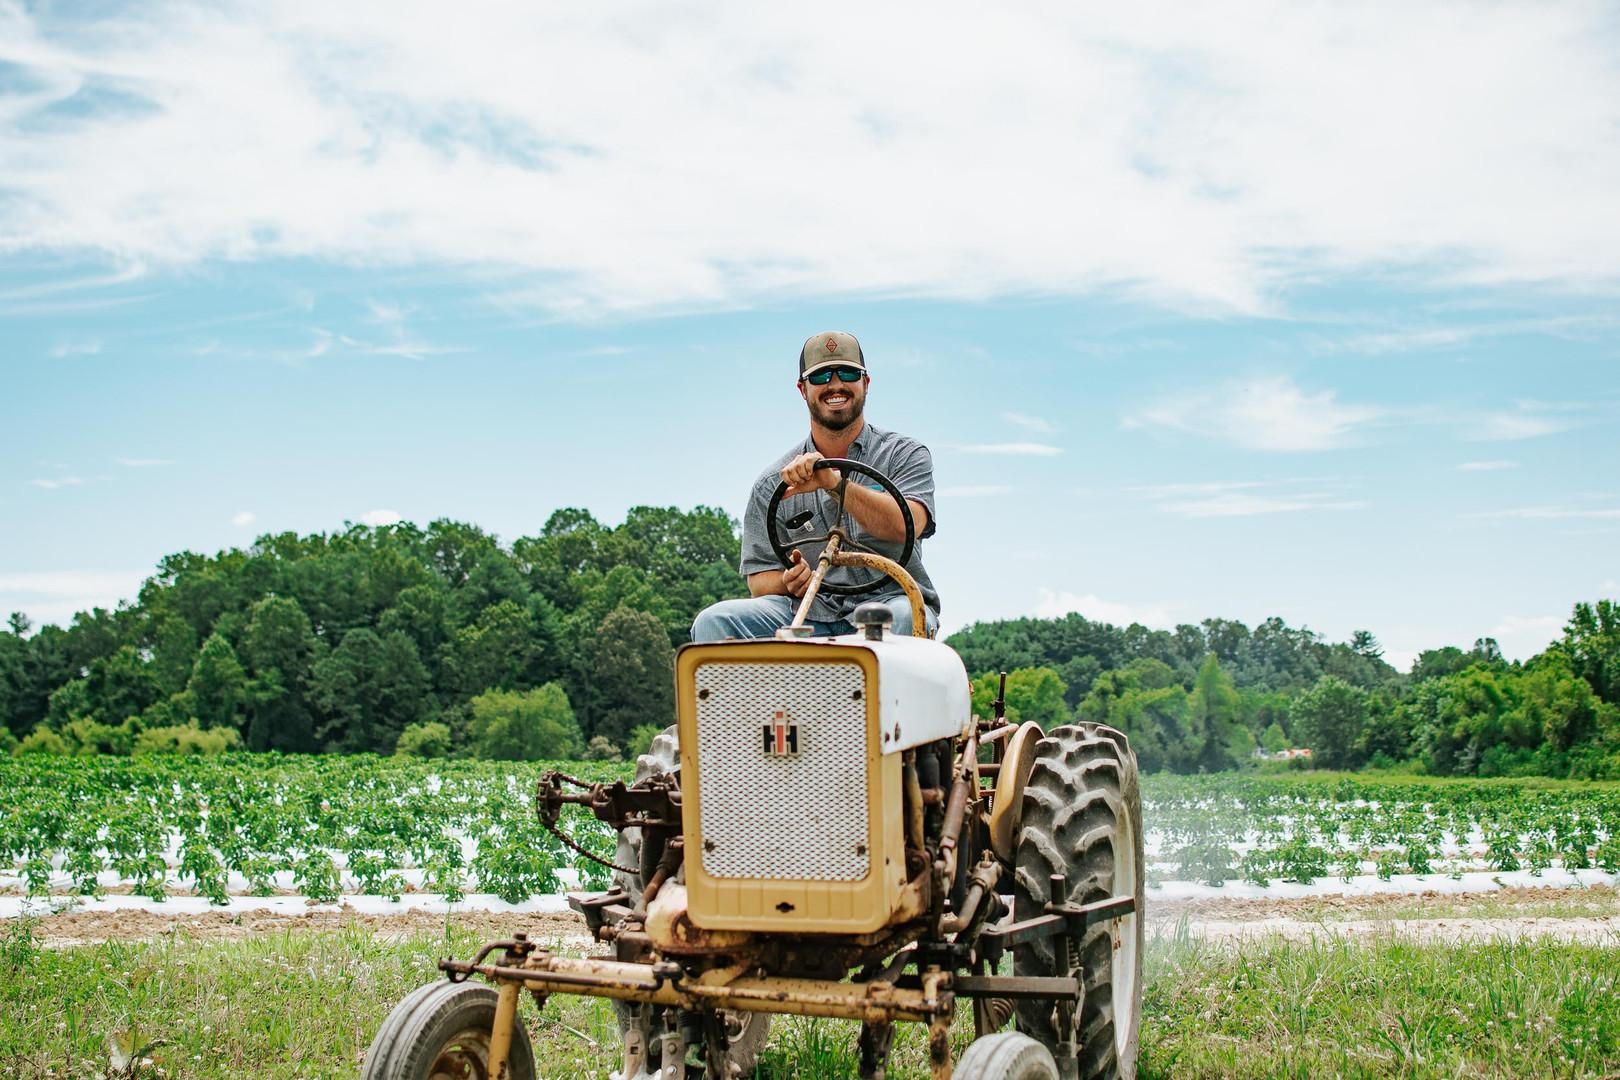 Farmers Alliance_Farmer on Tractor 1.jpg